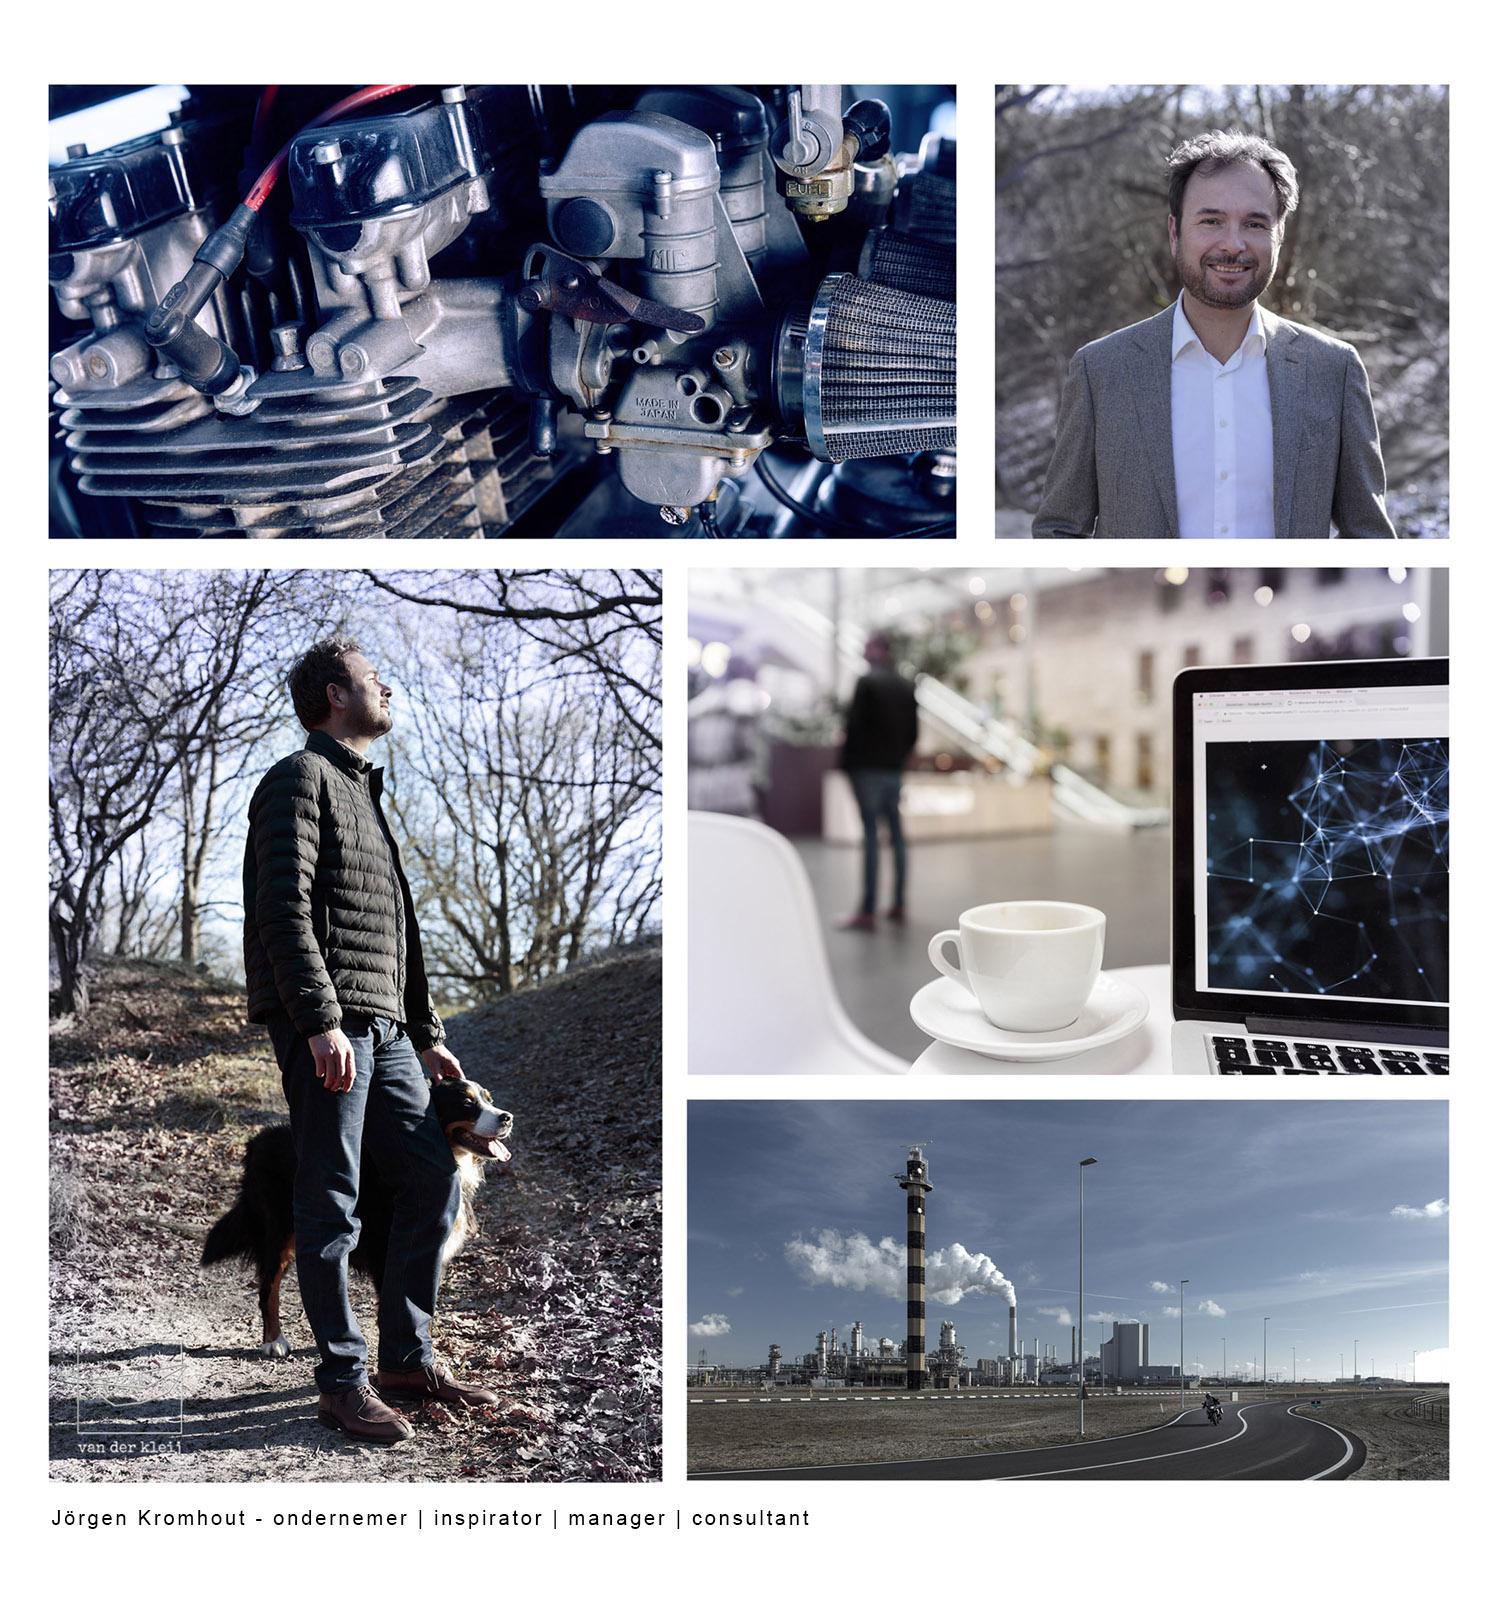 Jörgen Kromhout - ondernemer | inspirator | manager | consultant